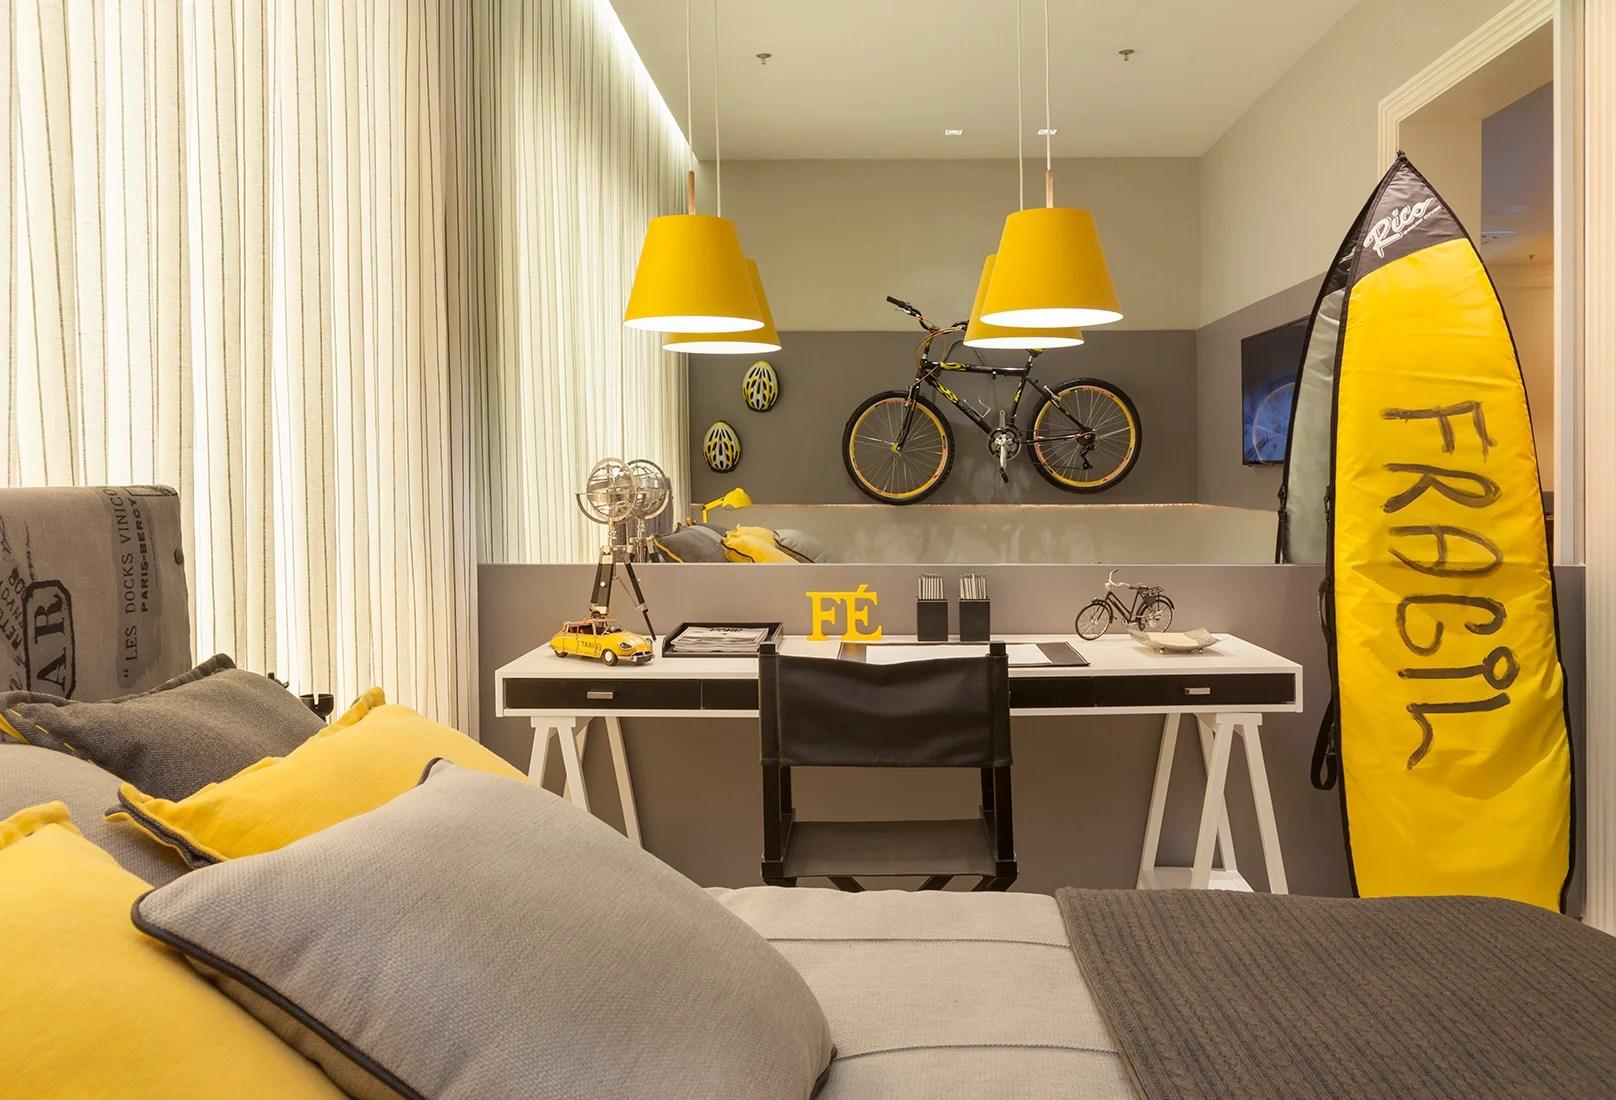 Esporte na decoração com bicicleta e prancha.